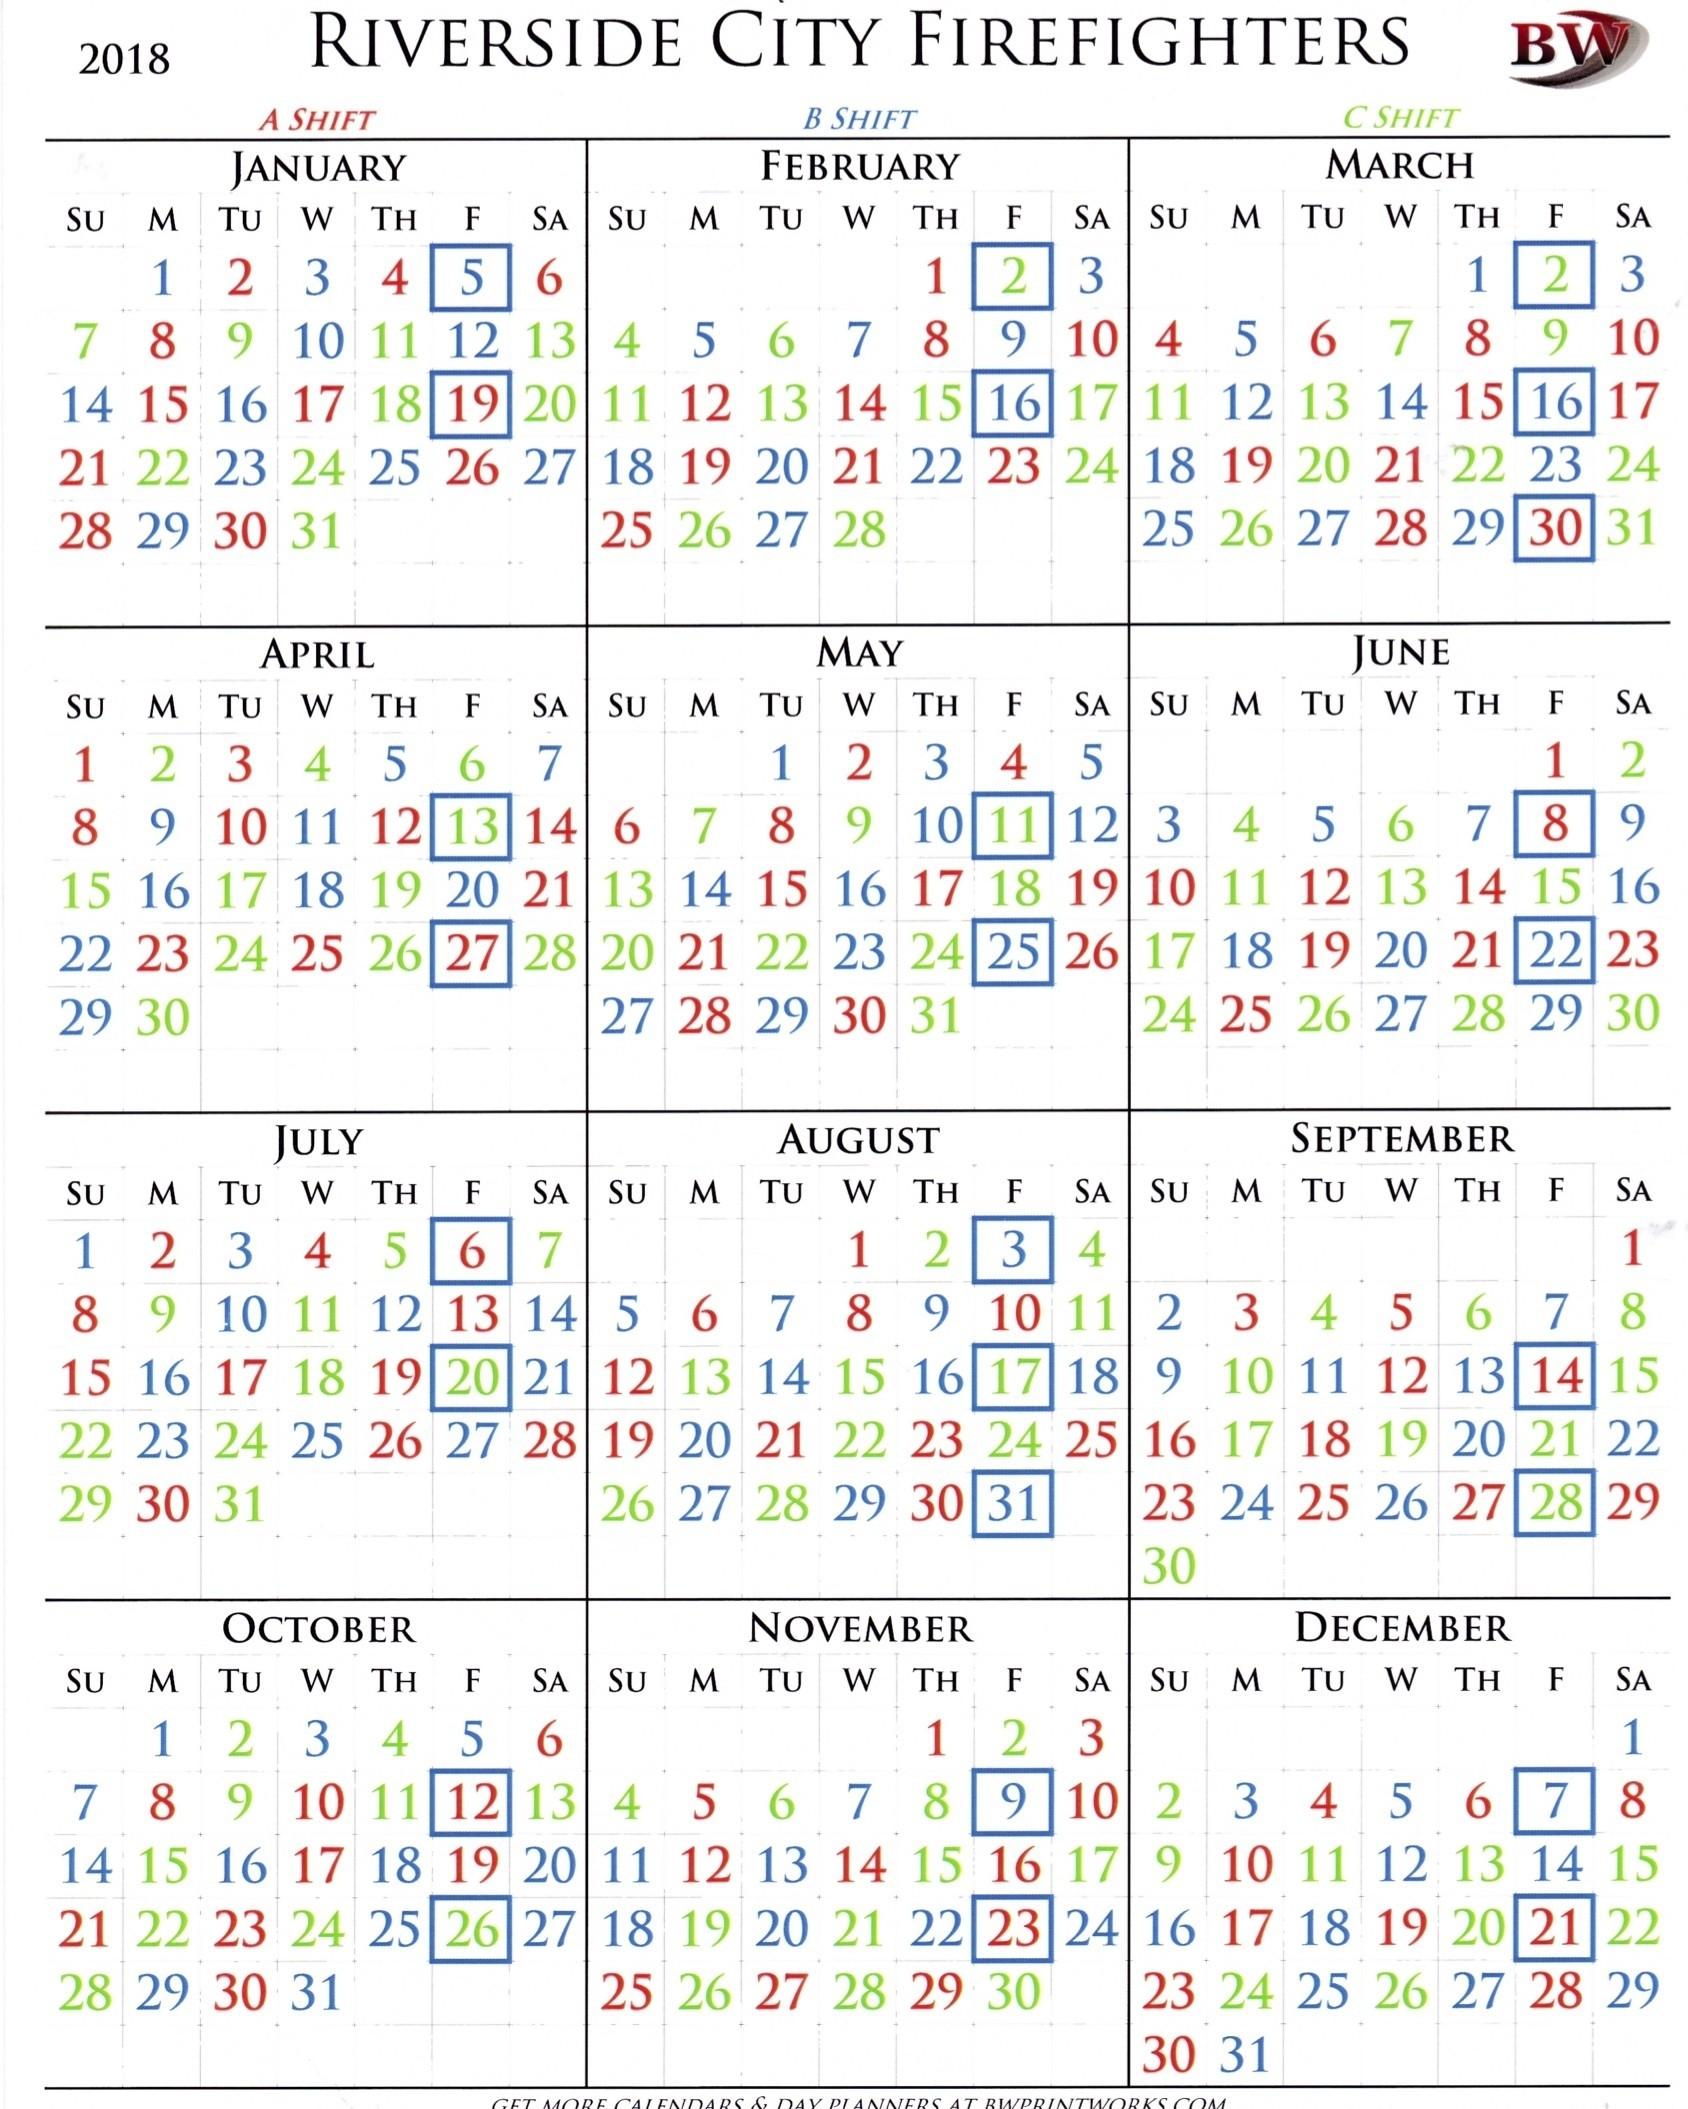 A B C Shift Calendar | Ten Wall Calendar-Firefighter Shift Calendar Template